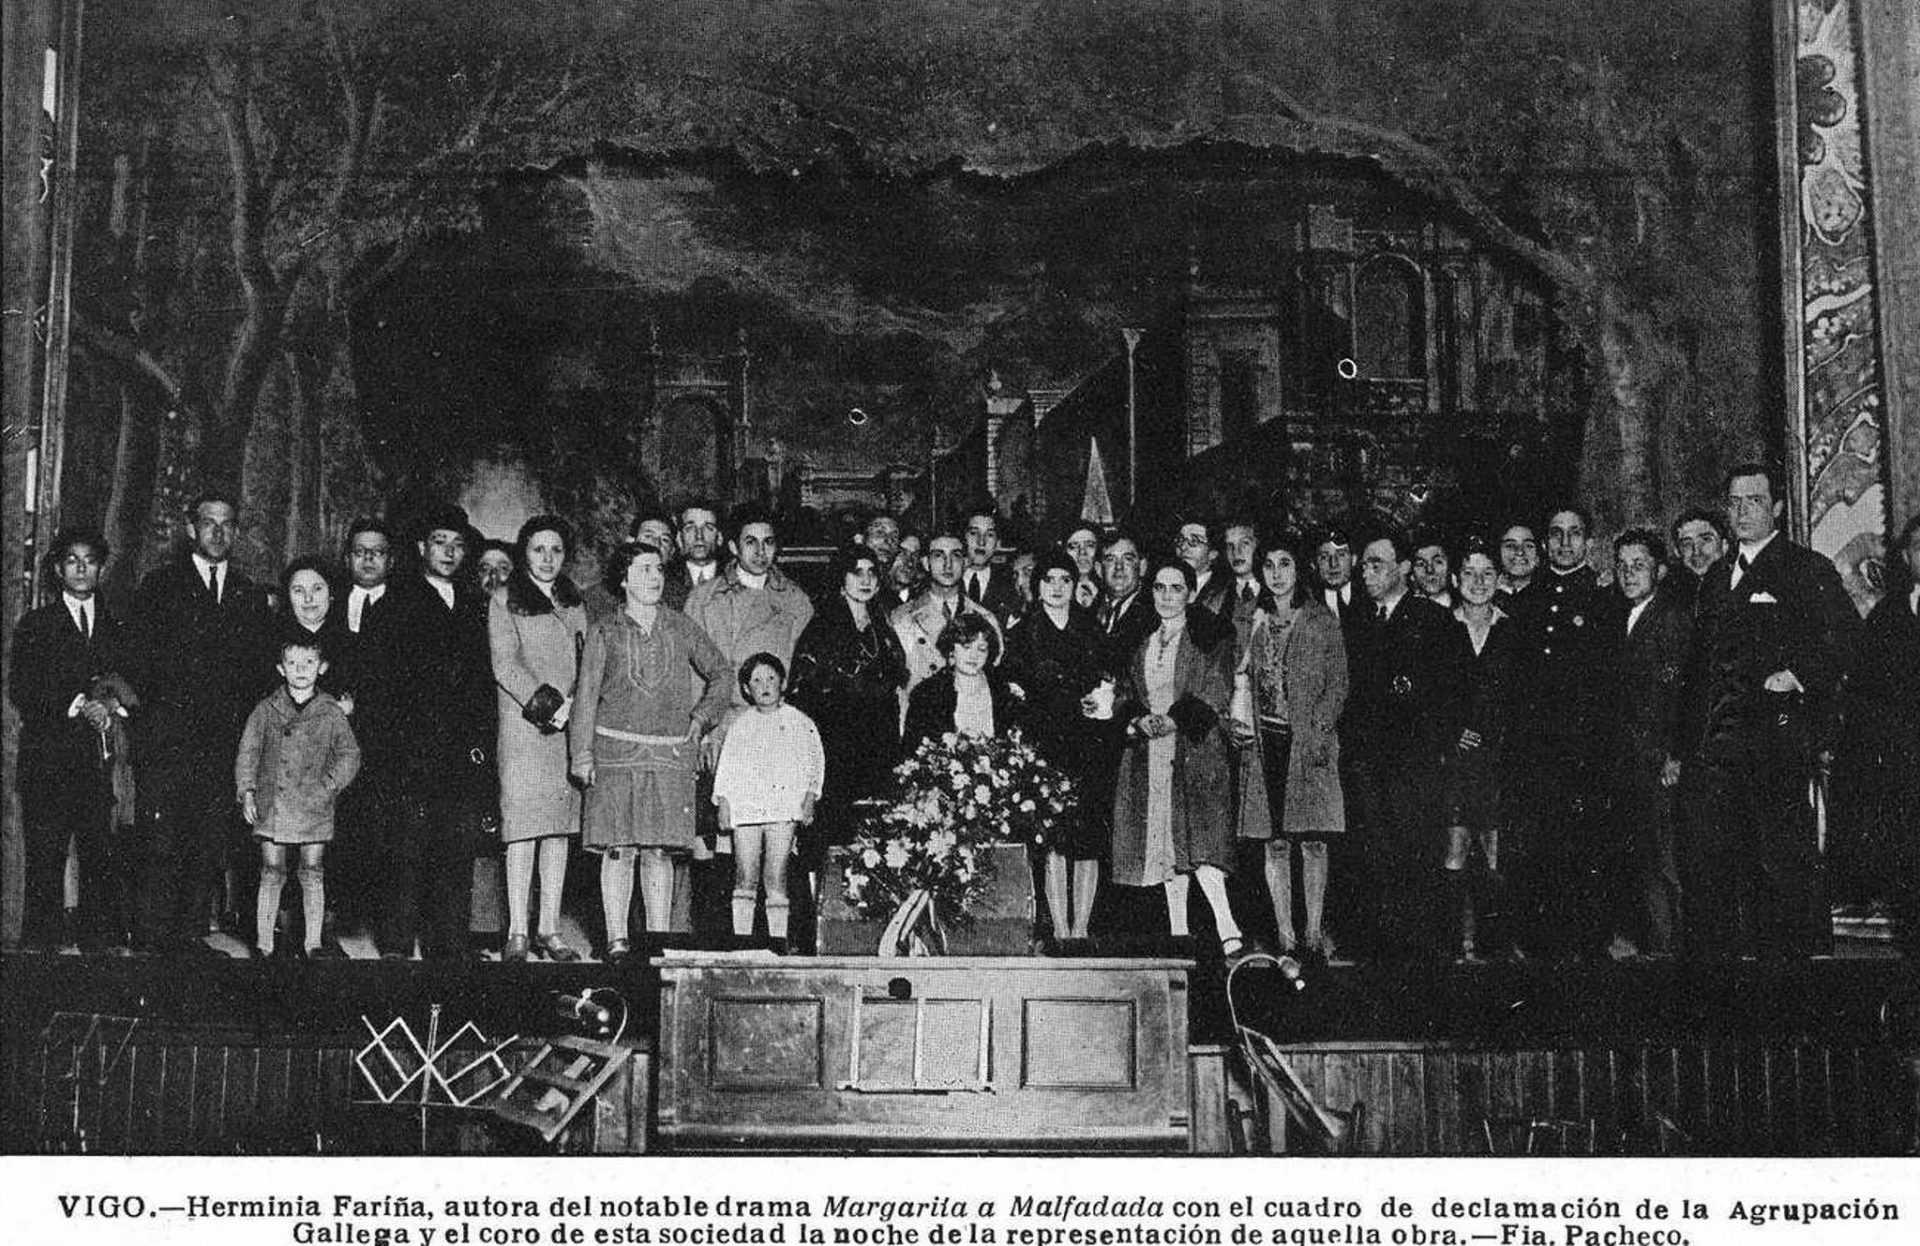 Herminia Fariña Cobián e o cadro de declamación da Agrupación Gallega